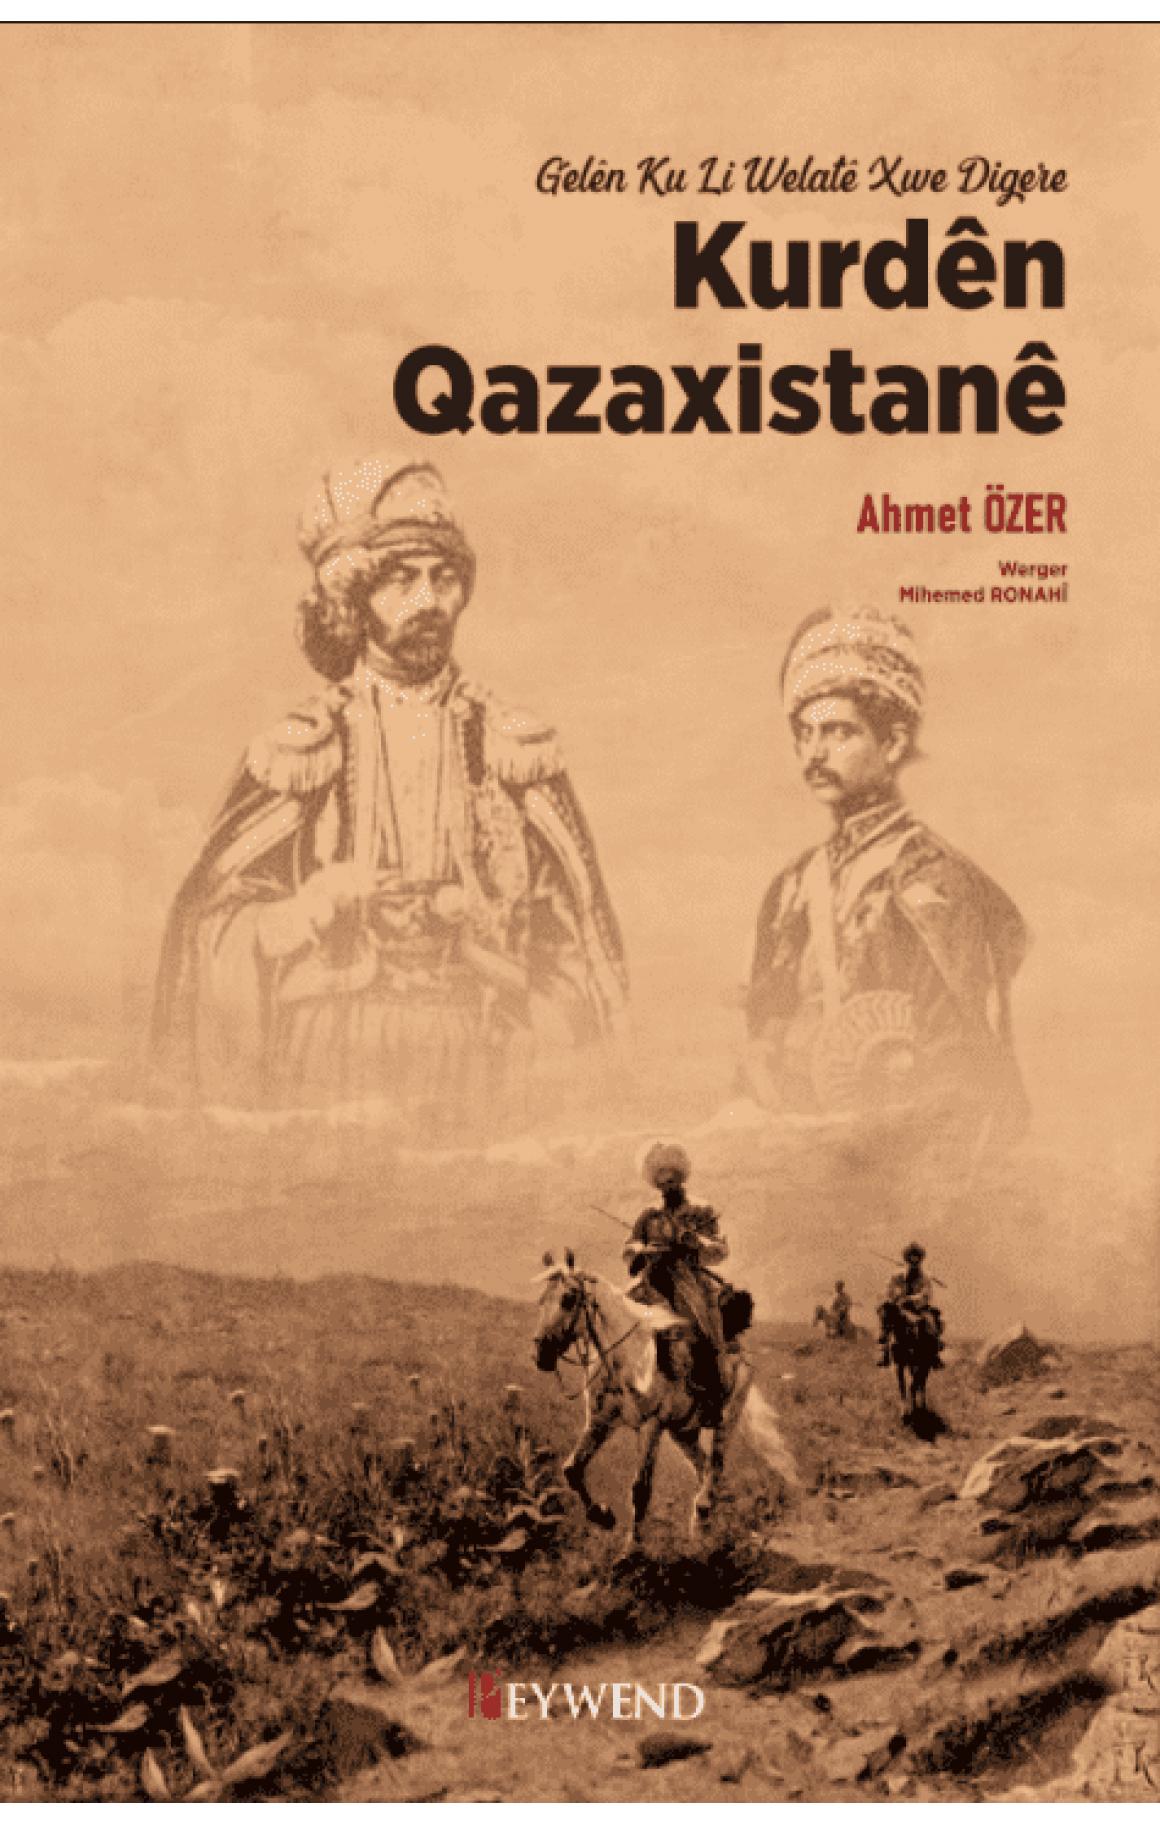 Gelên Ku Li Welatê Xu Digere Kurdên Qazaxistanê